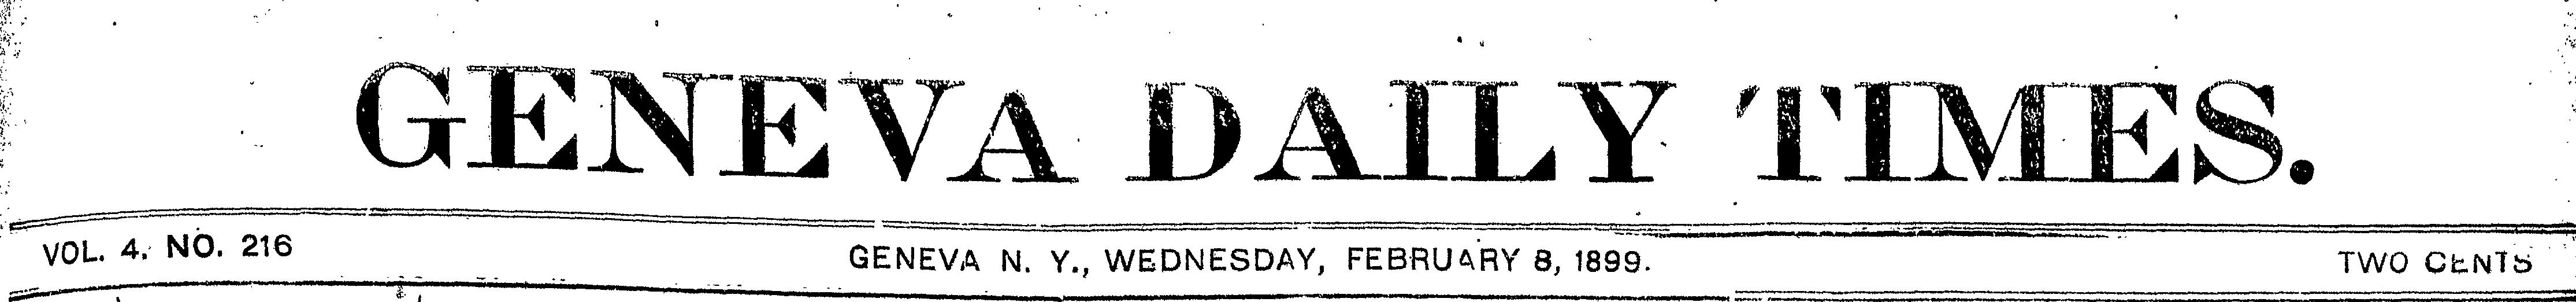 Masthead Geneva Daily Times, February 8, 1899